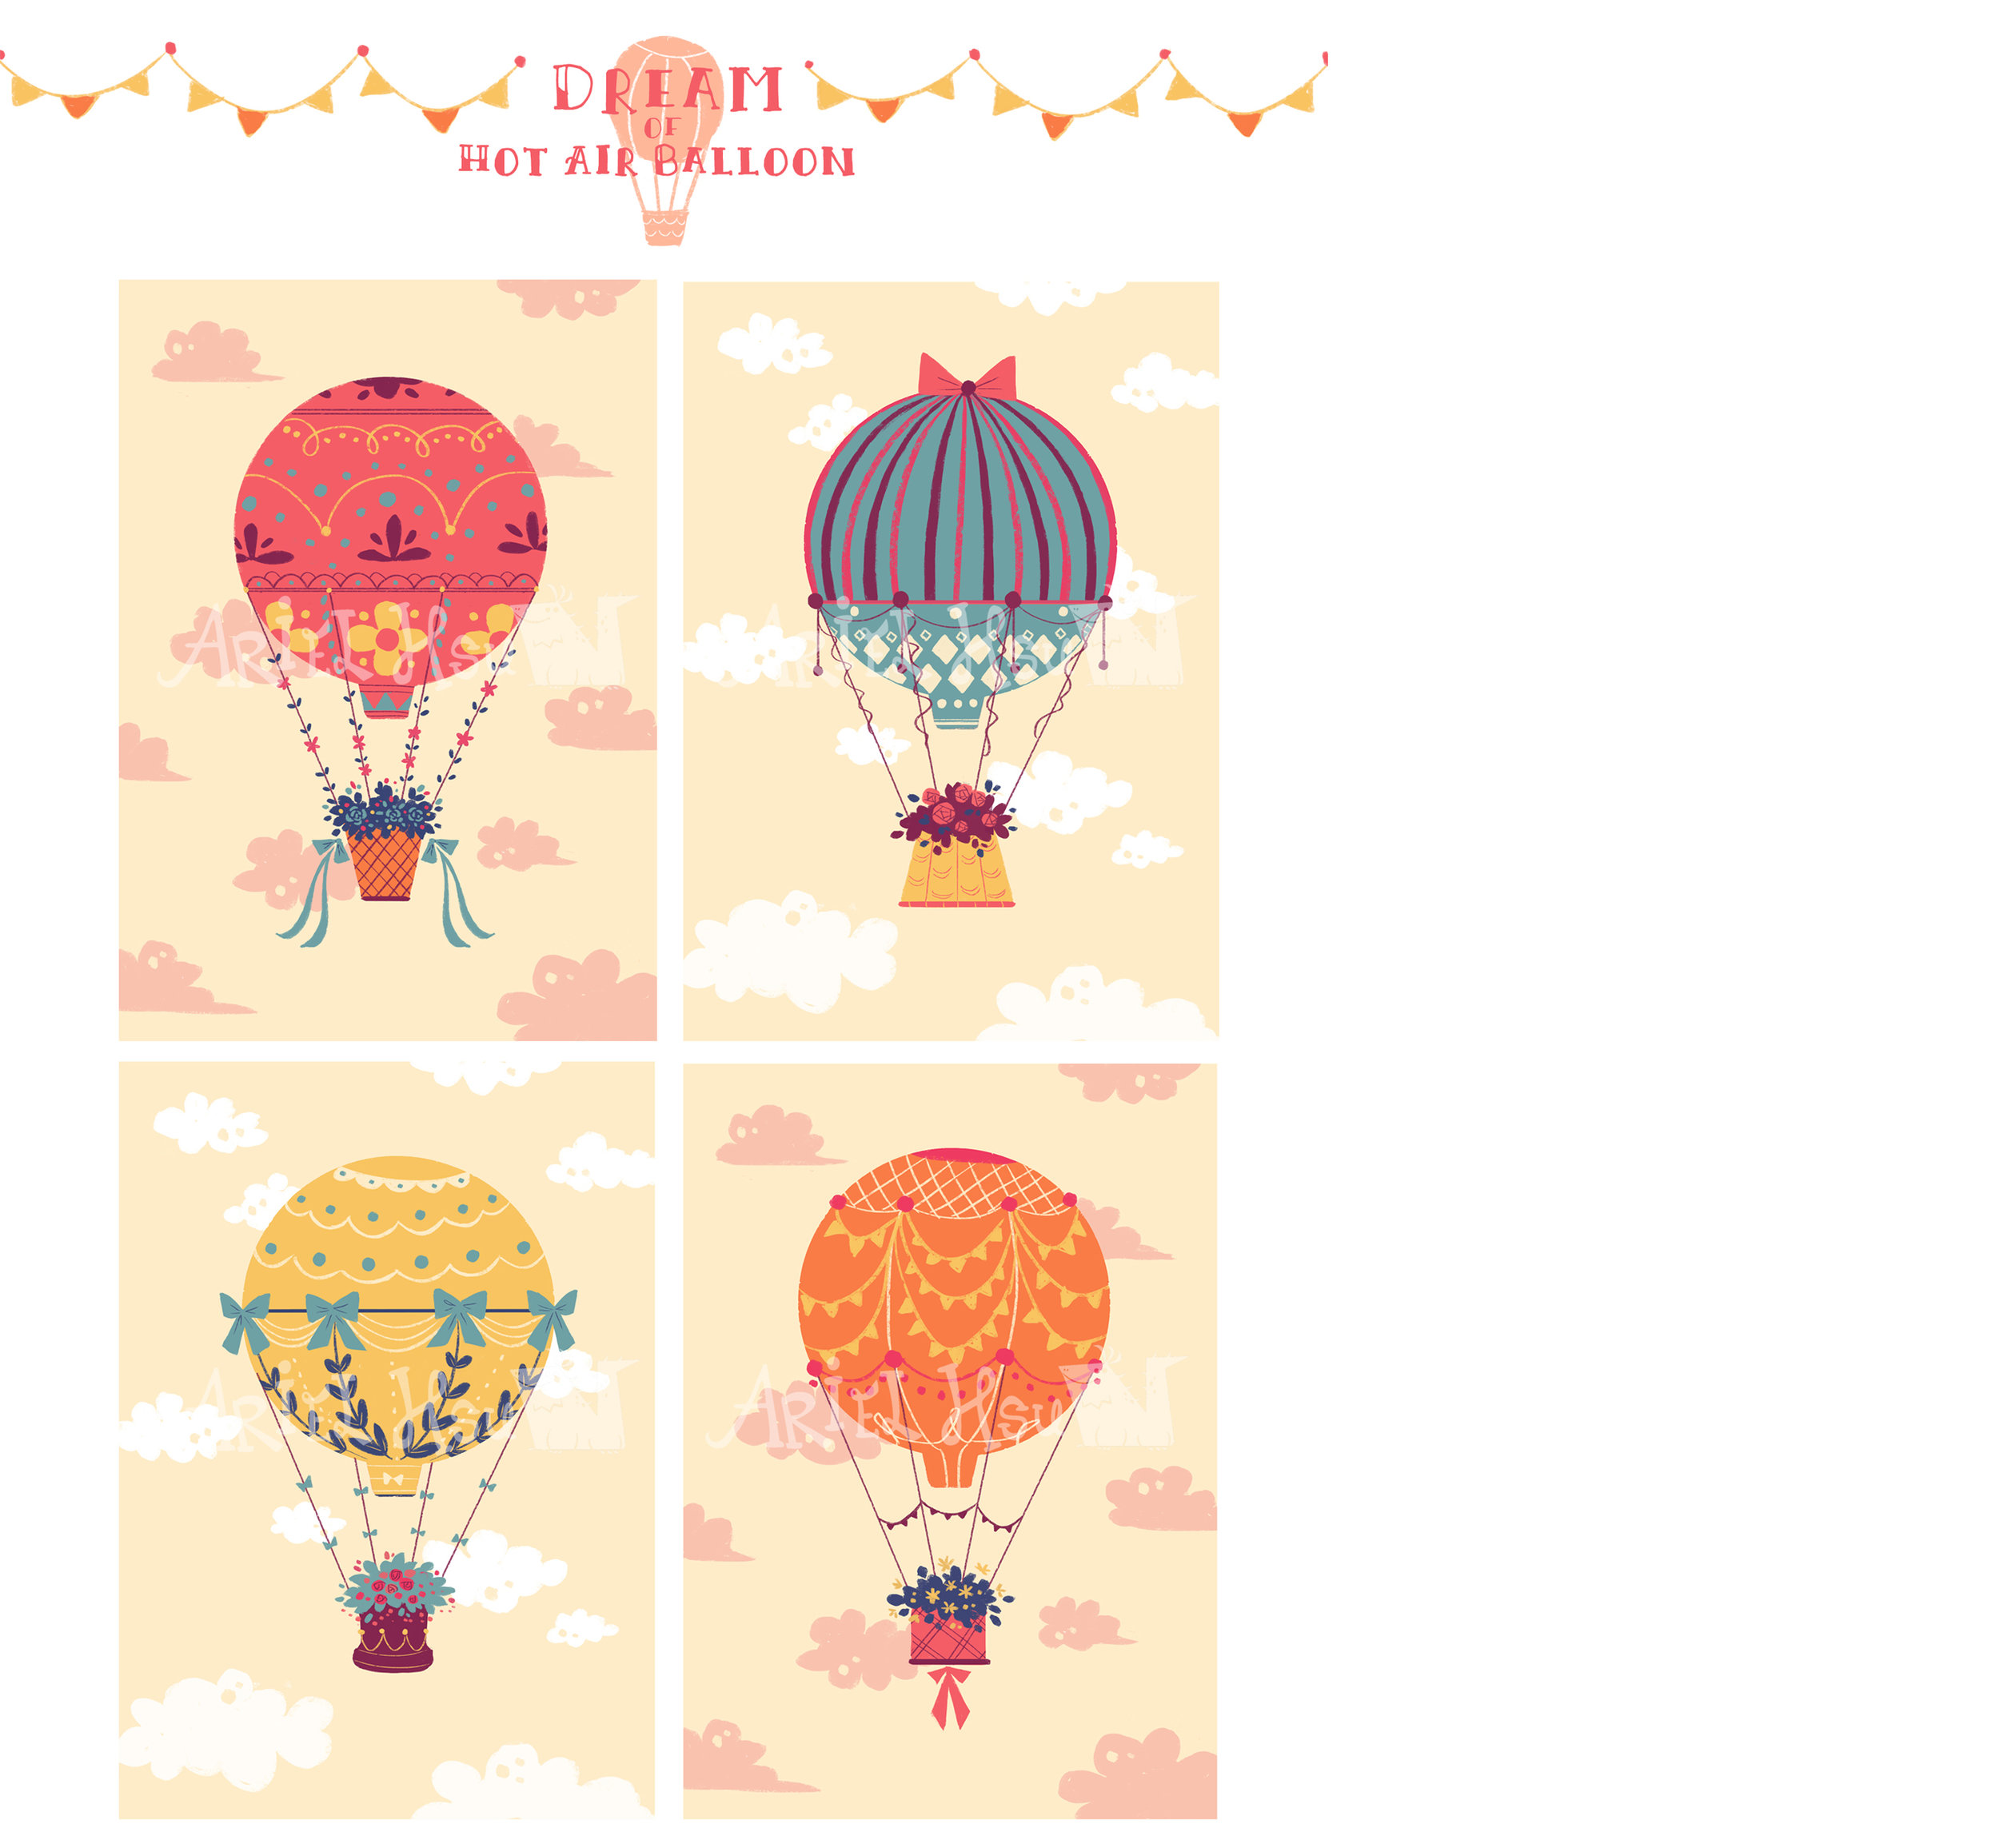 04_Hot air balloon_small01.jpg